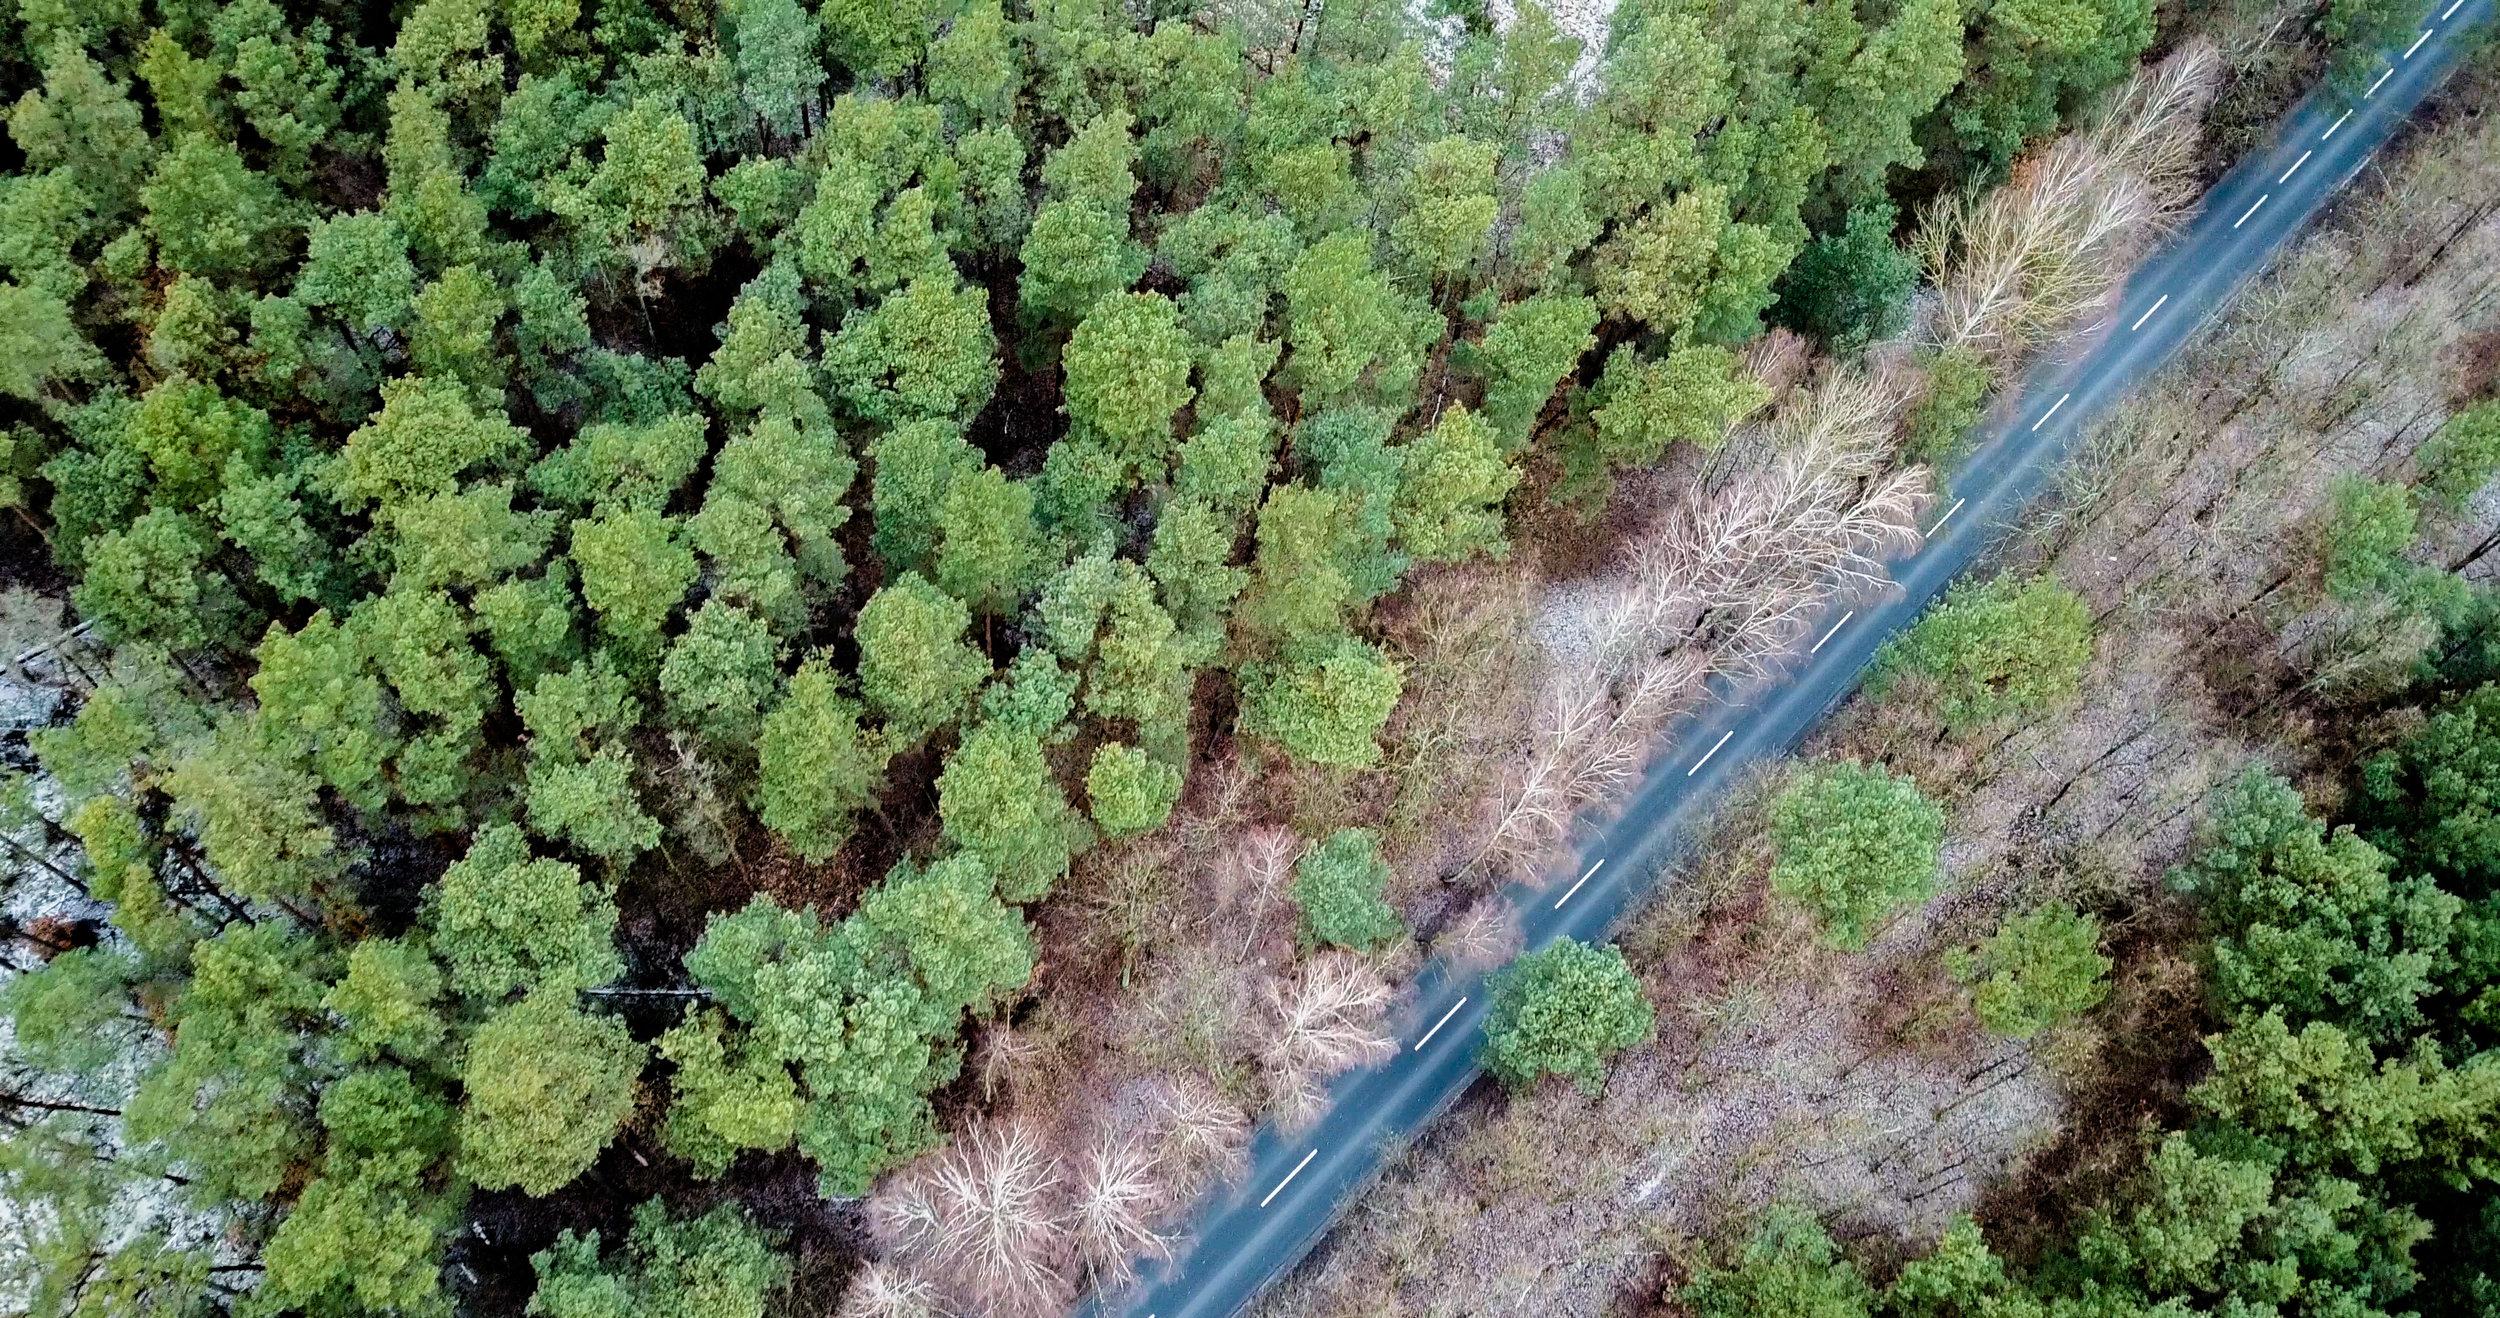 woodboomBLOG - ein Einblick hinter die Kulissen von woodboom und Partnern